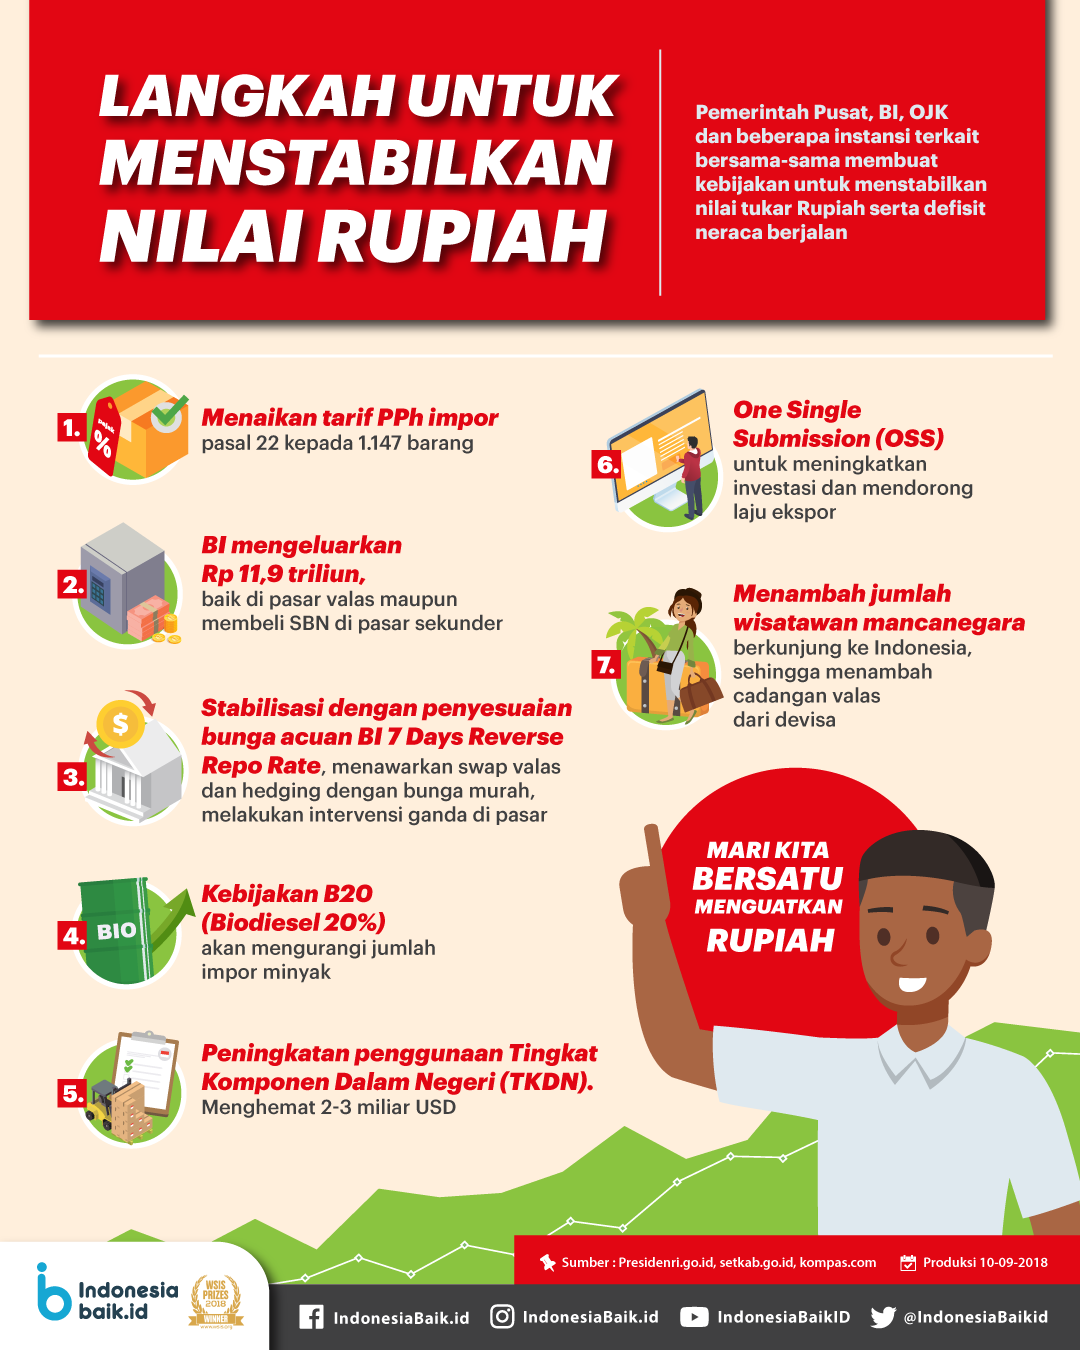 Langkah Untuk Menstabilkan Nilai Rupiah